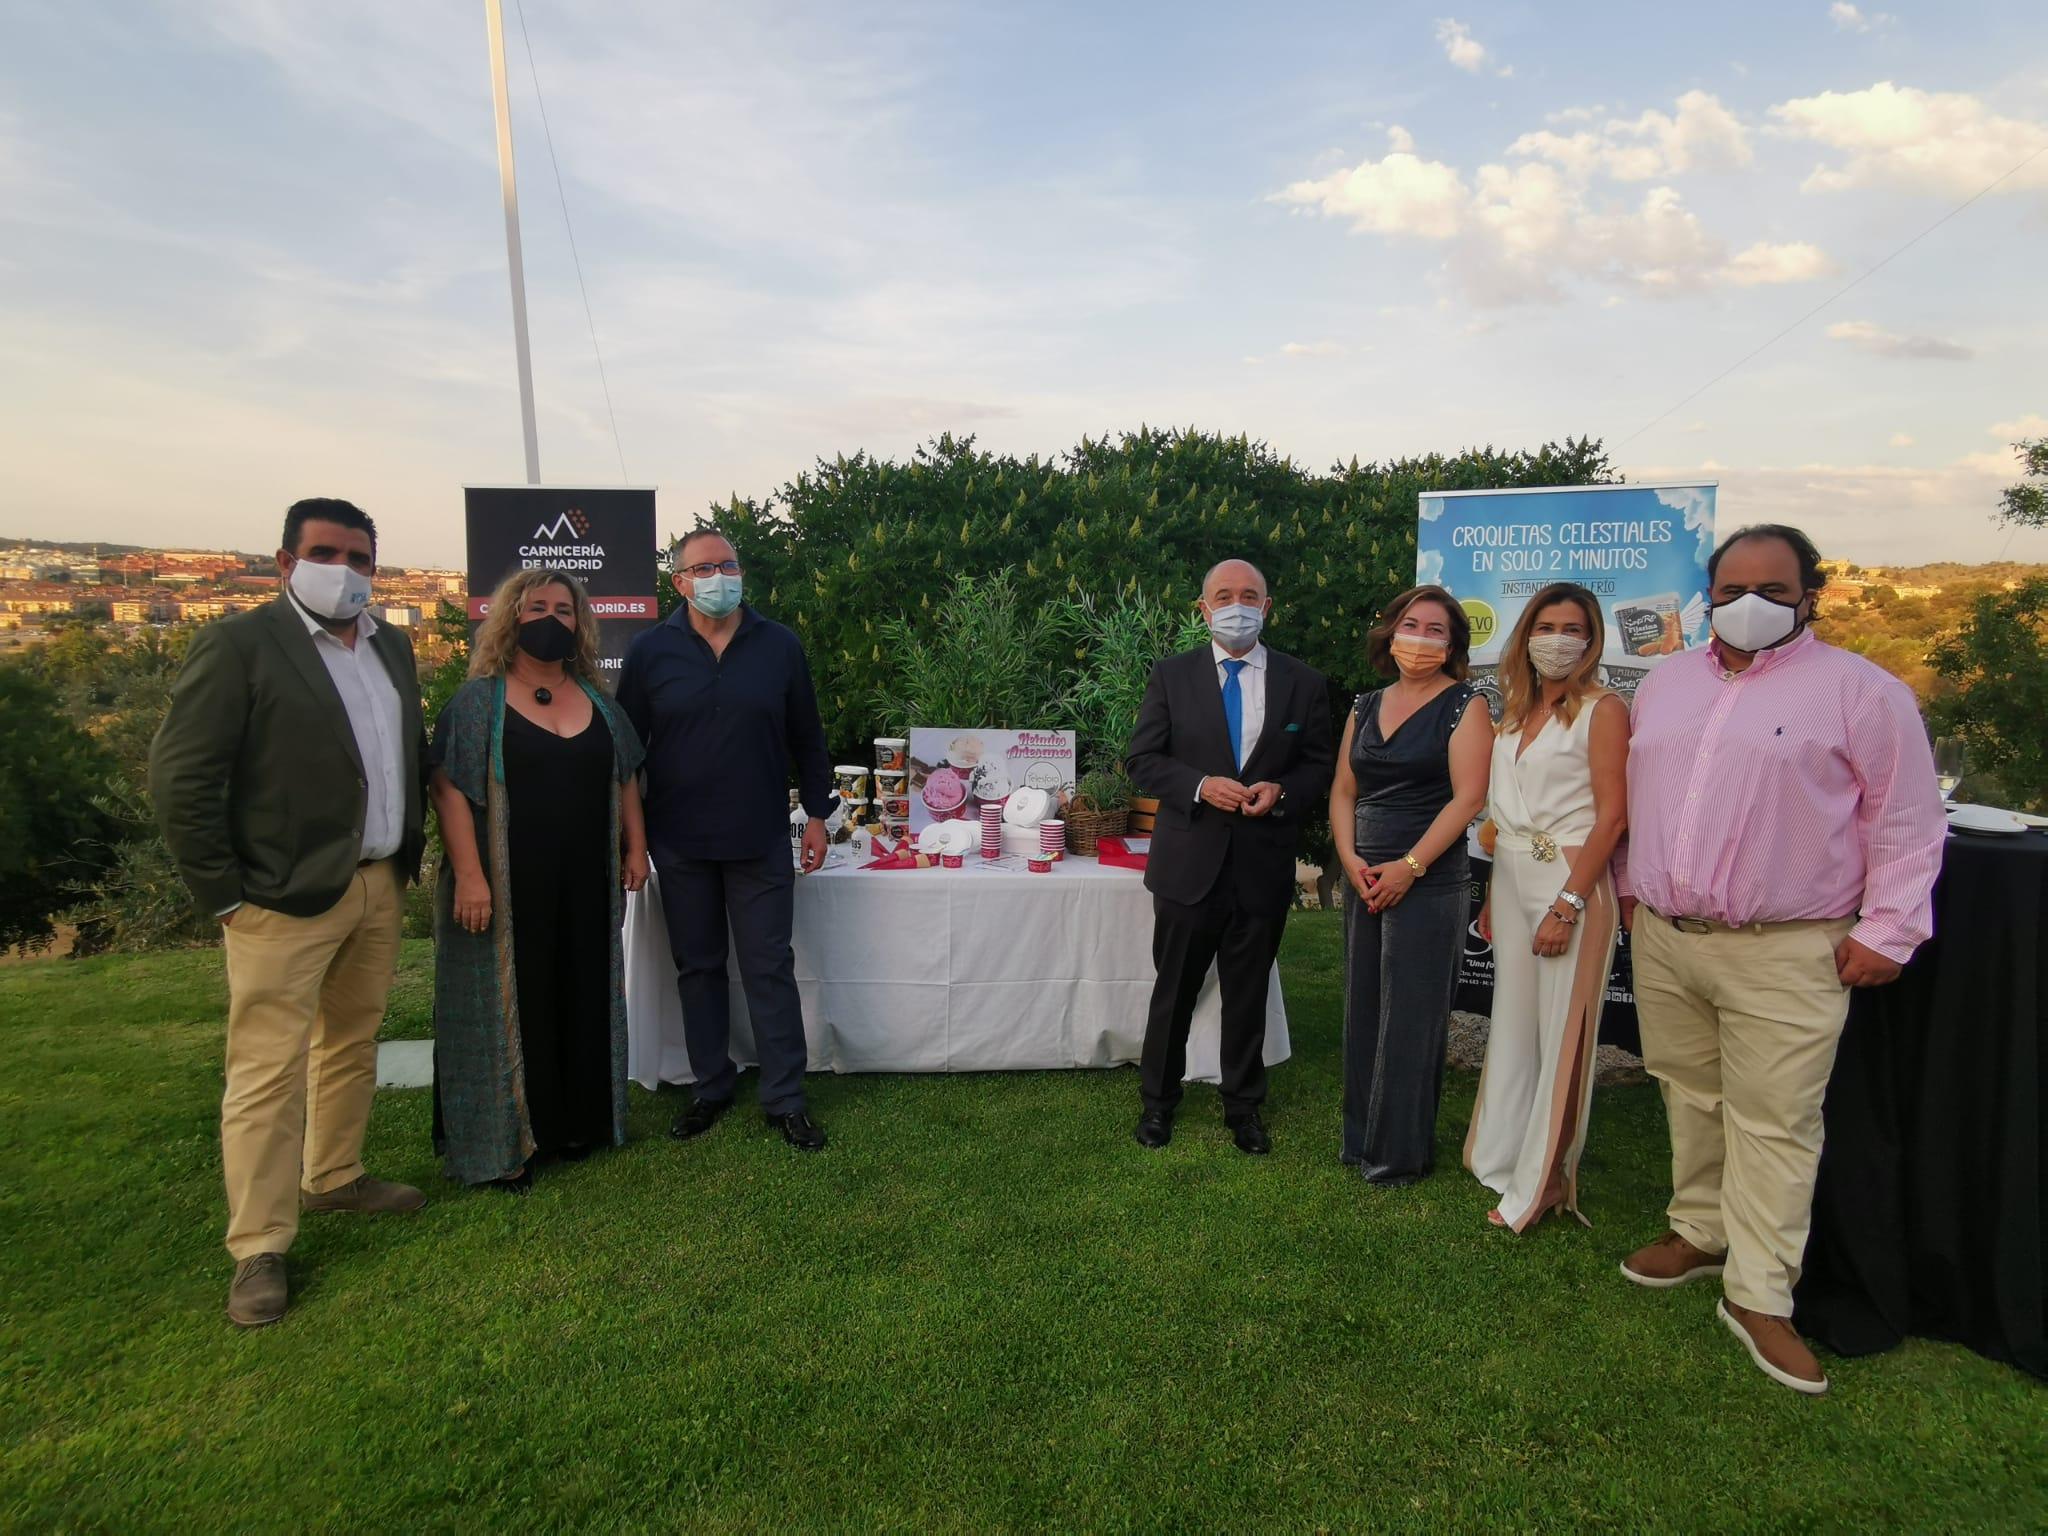 El Consistorio apuesta por promover el consumo de productos de proximidad en la presentación de una ruta gastronómica